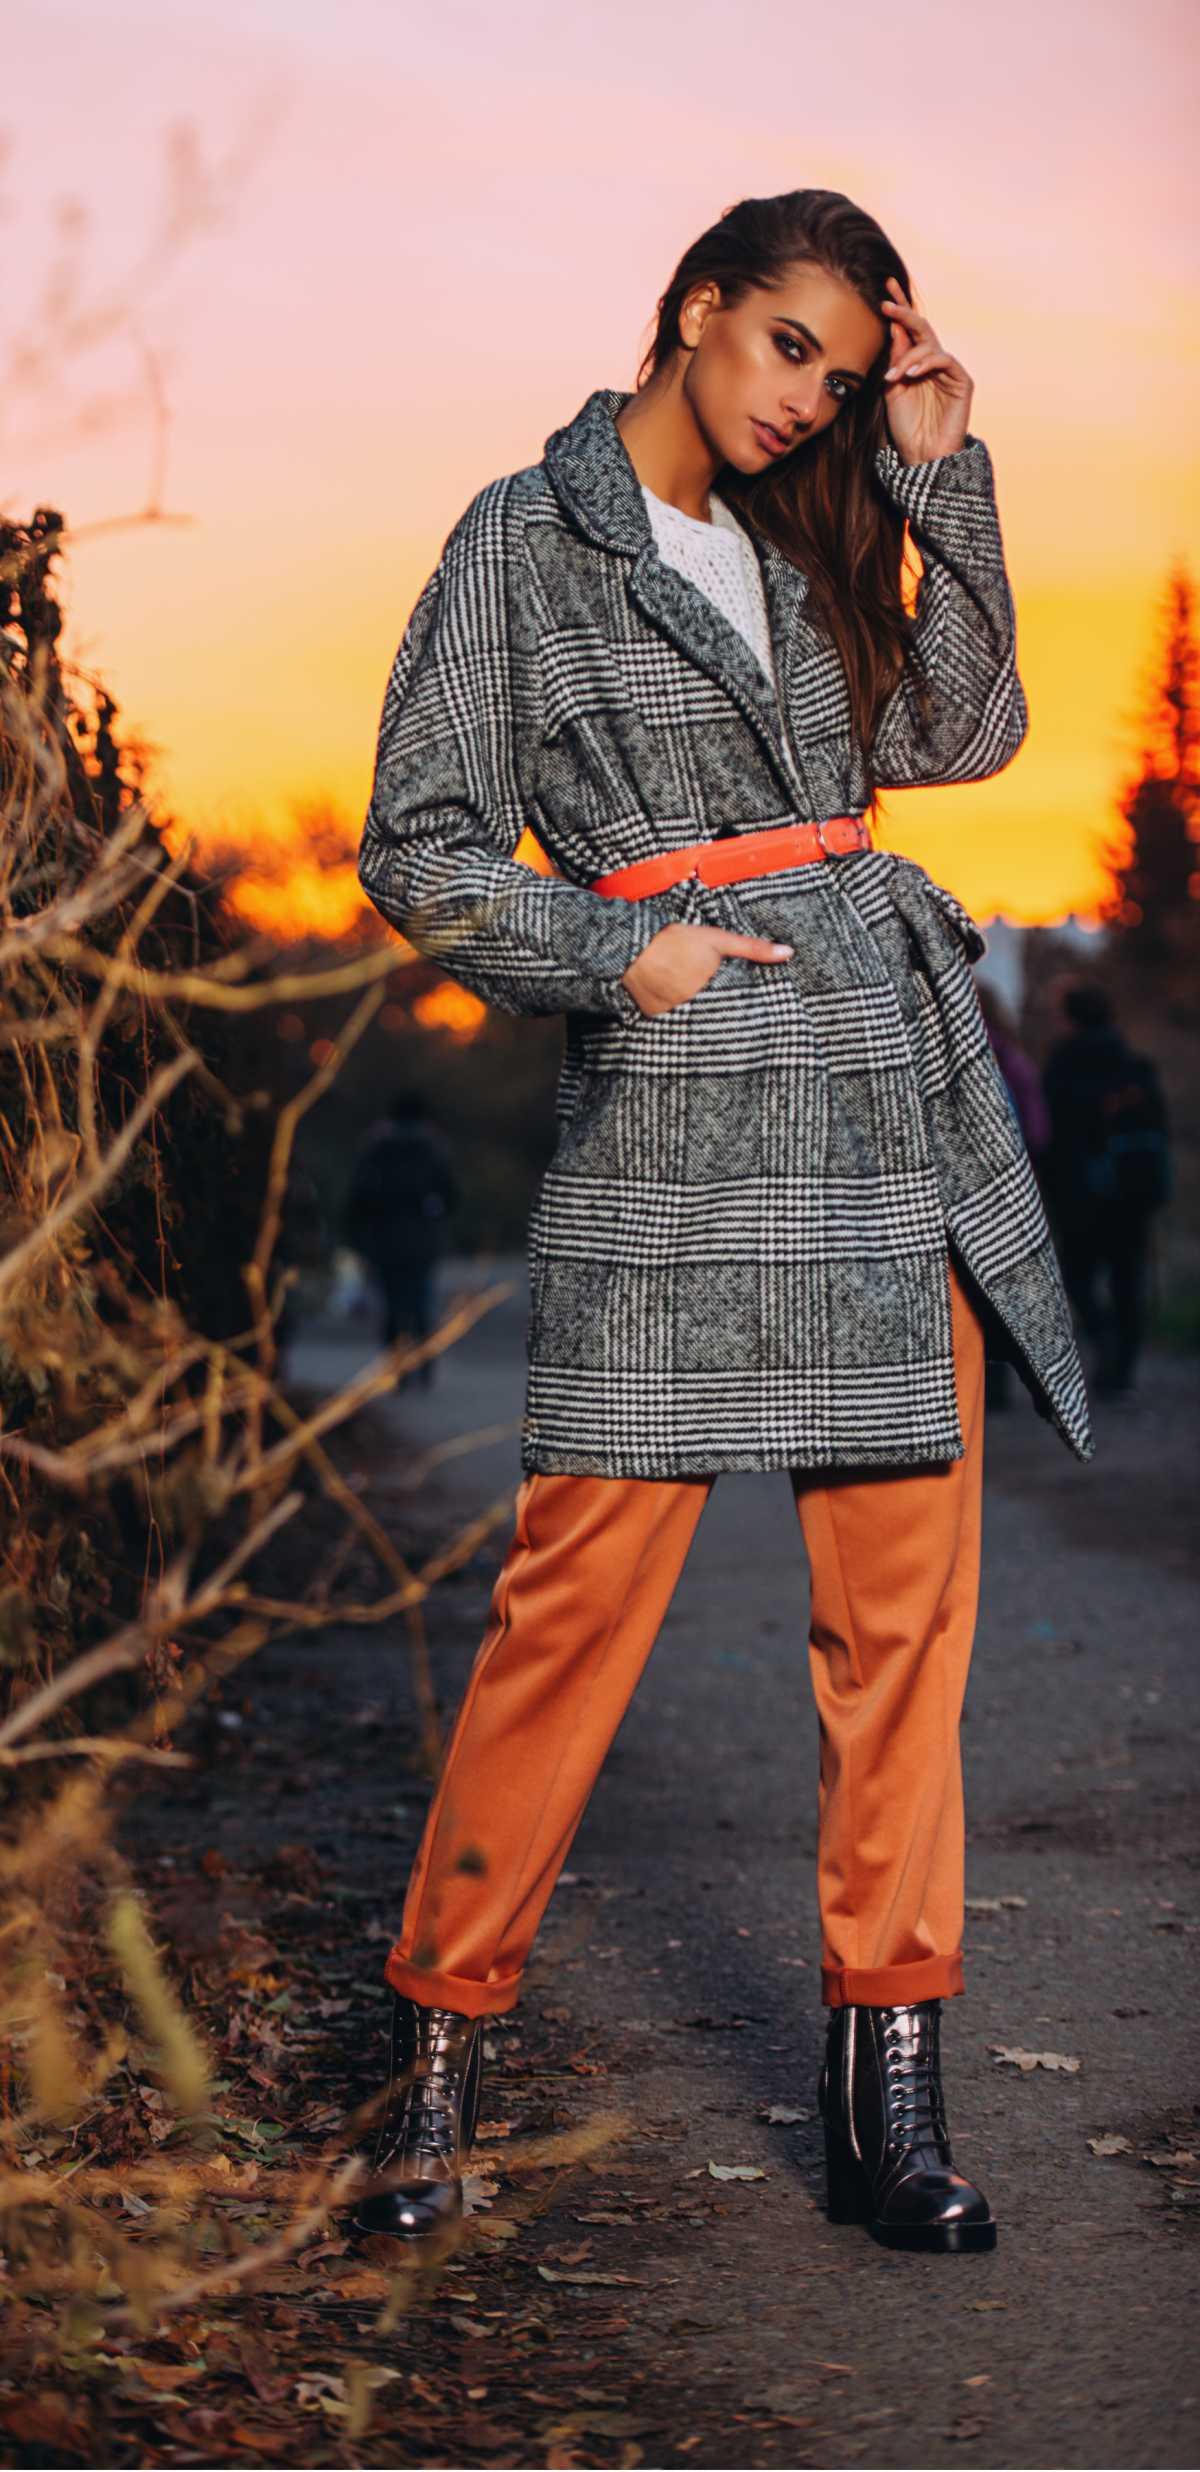 casaco trench coats com calça colorida